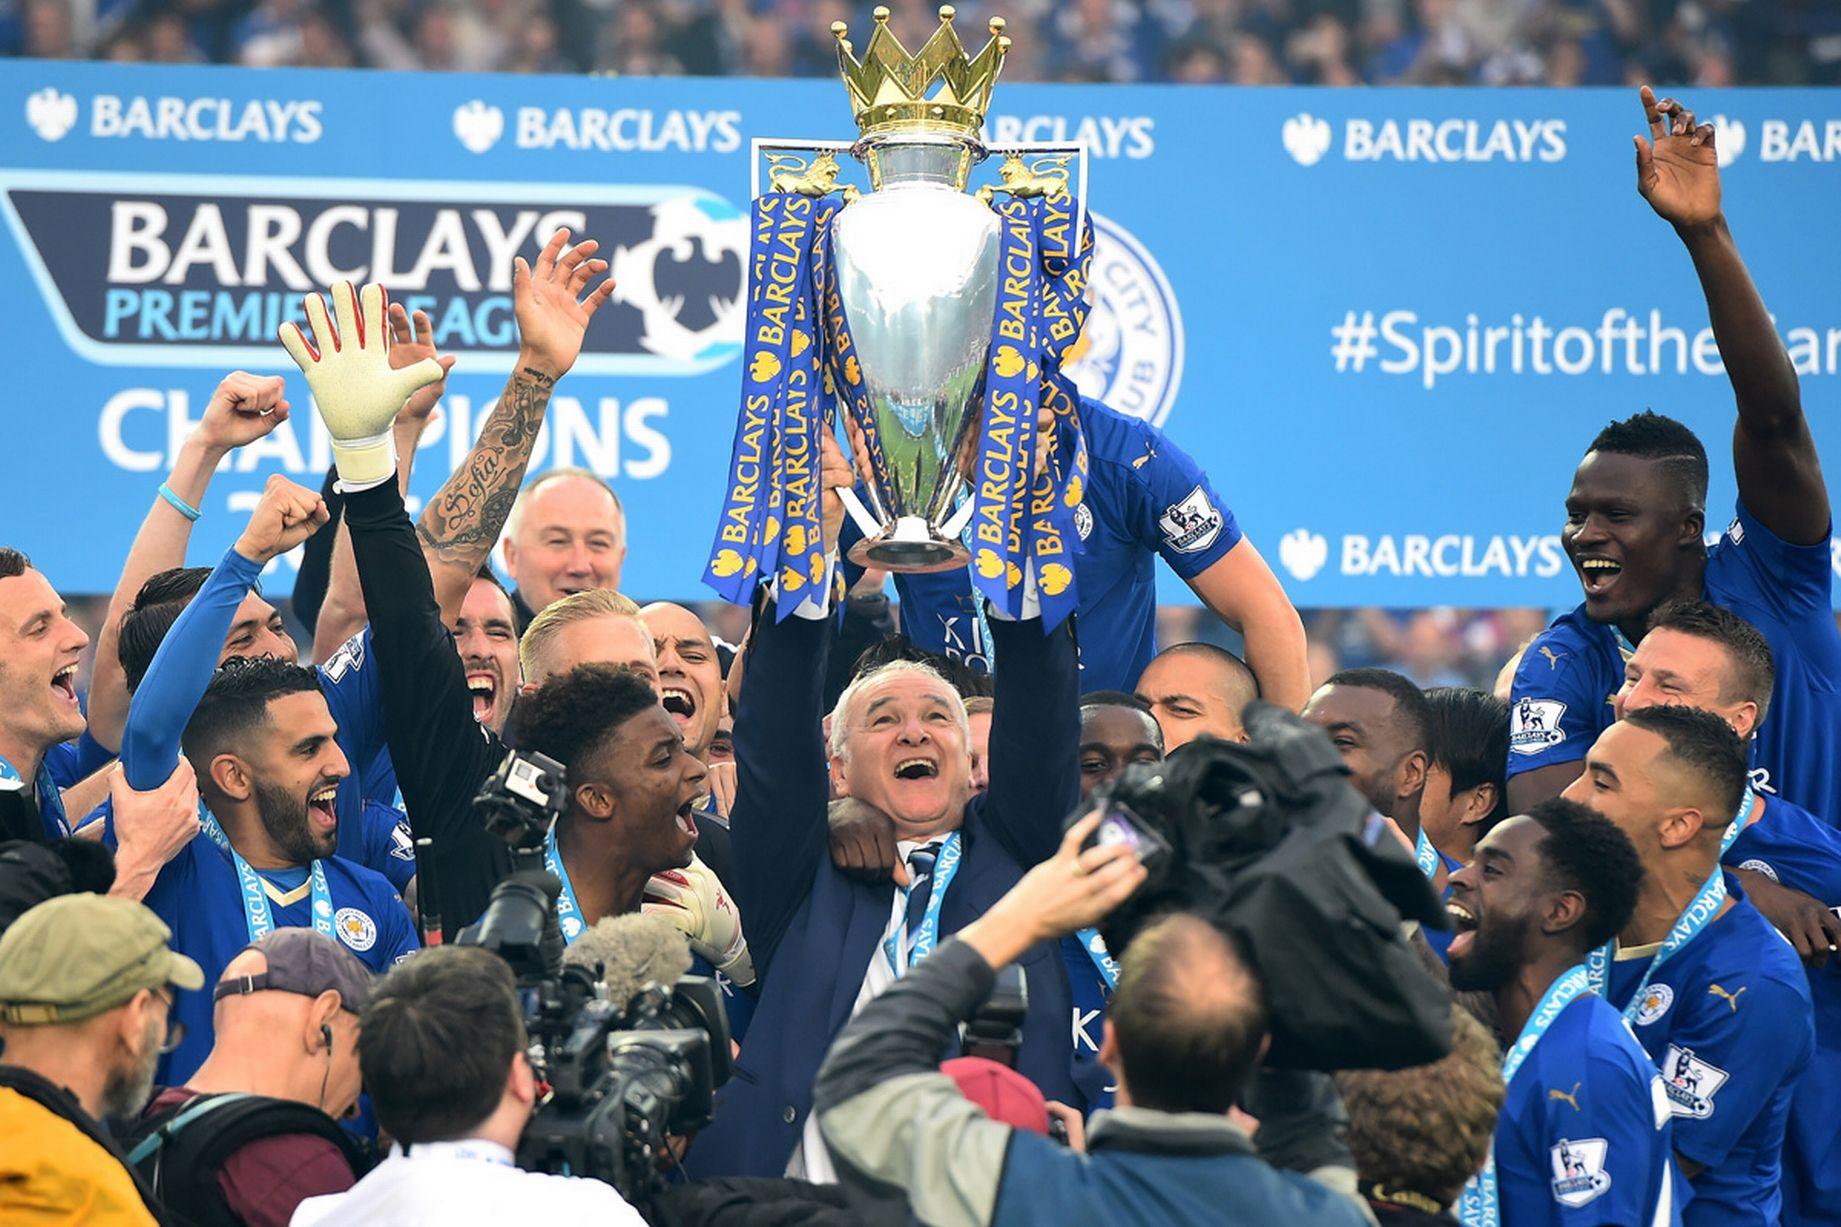 Leicester City Premier league trophy